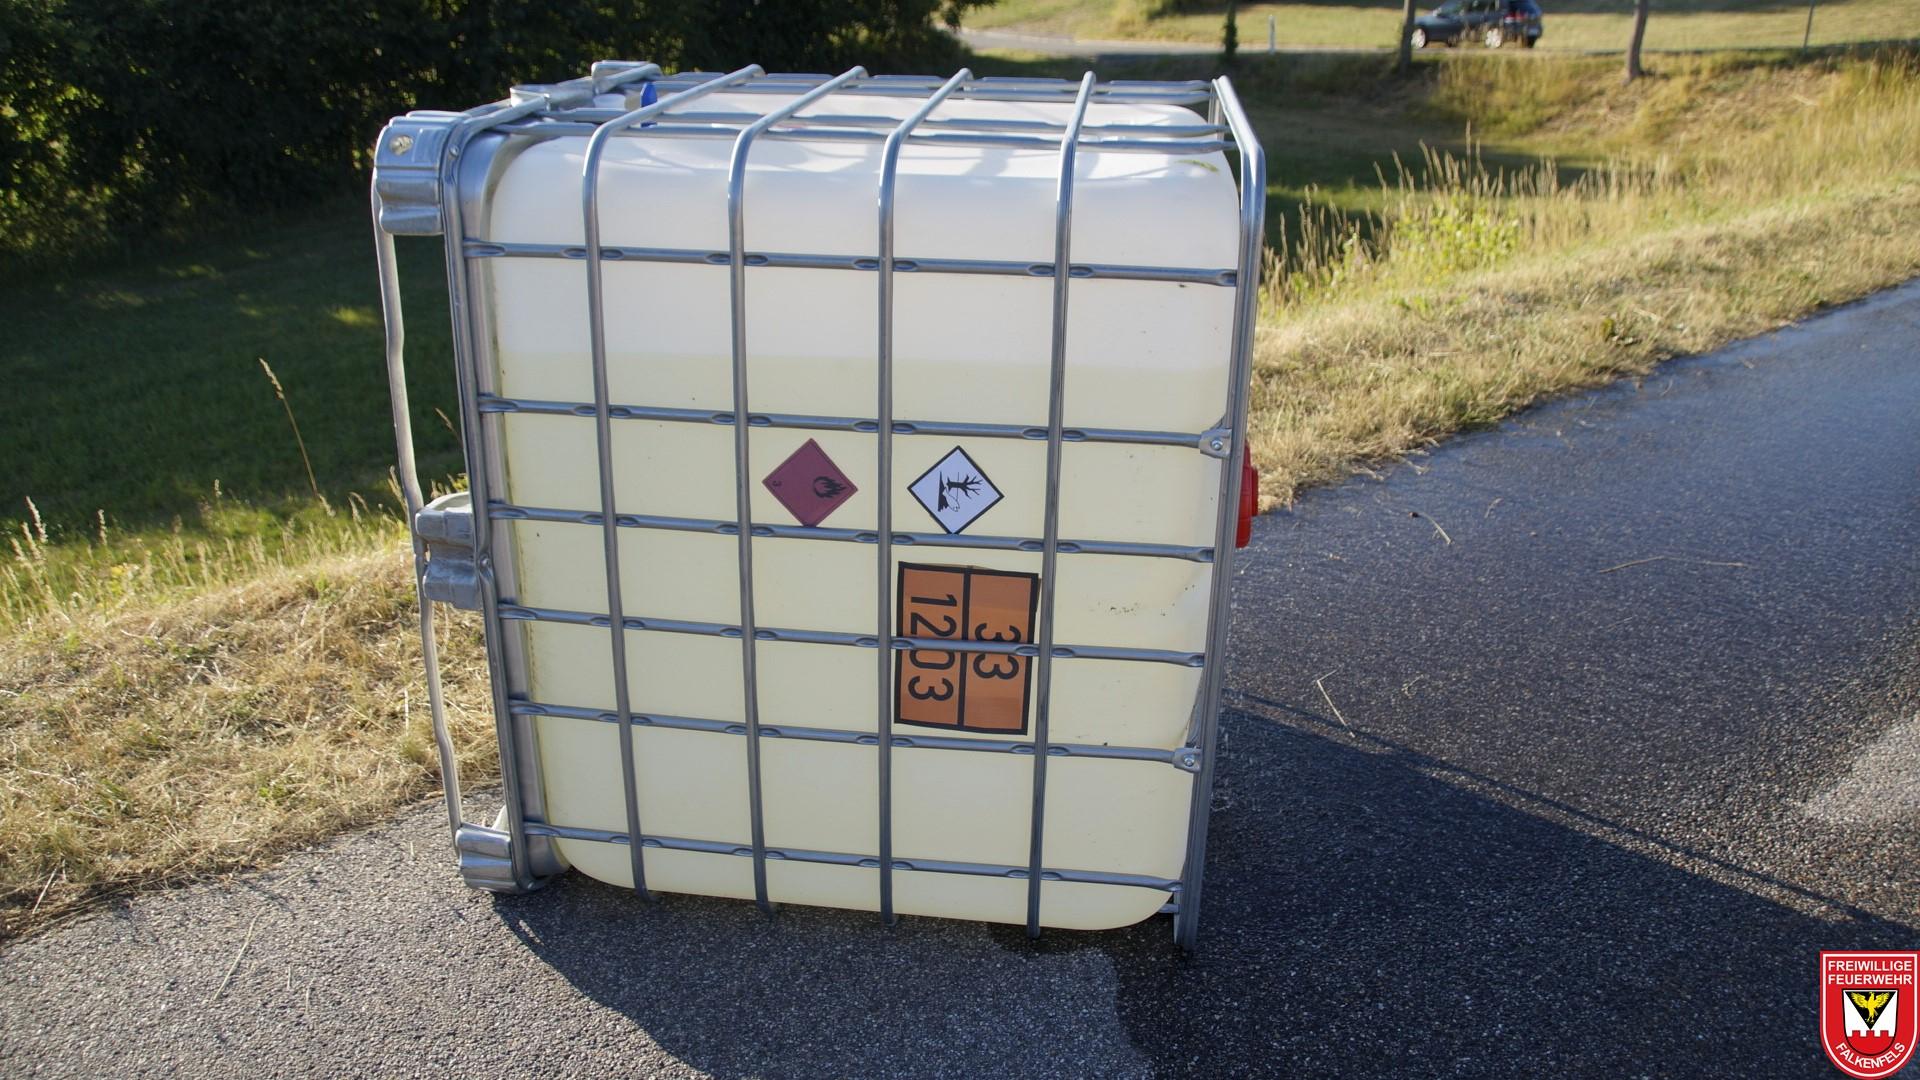 Transportkennzeichnung des Gefahrstoffes